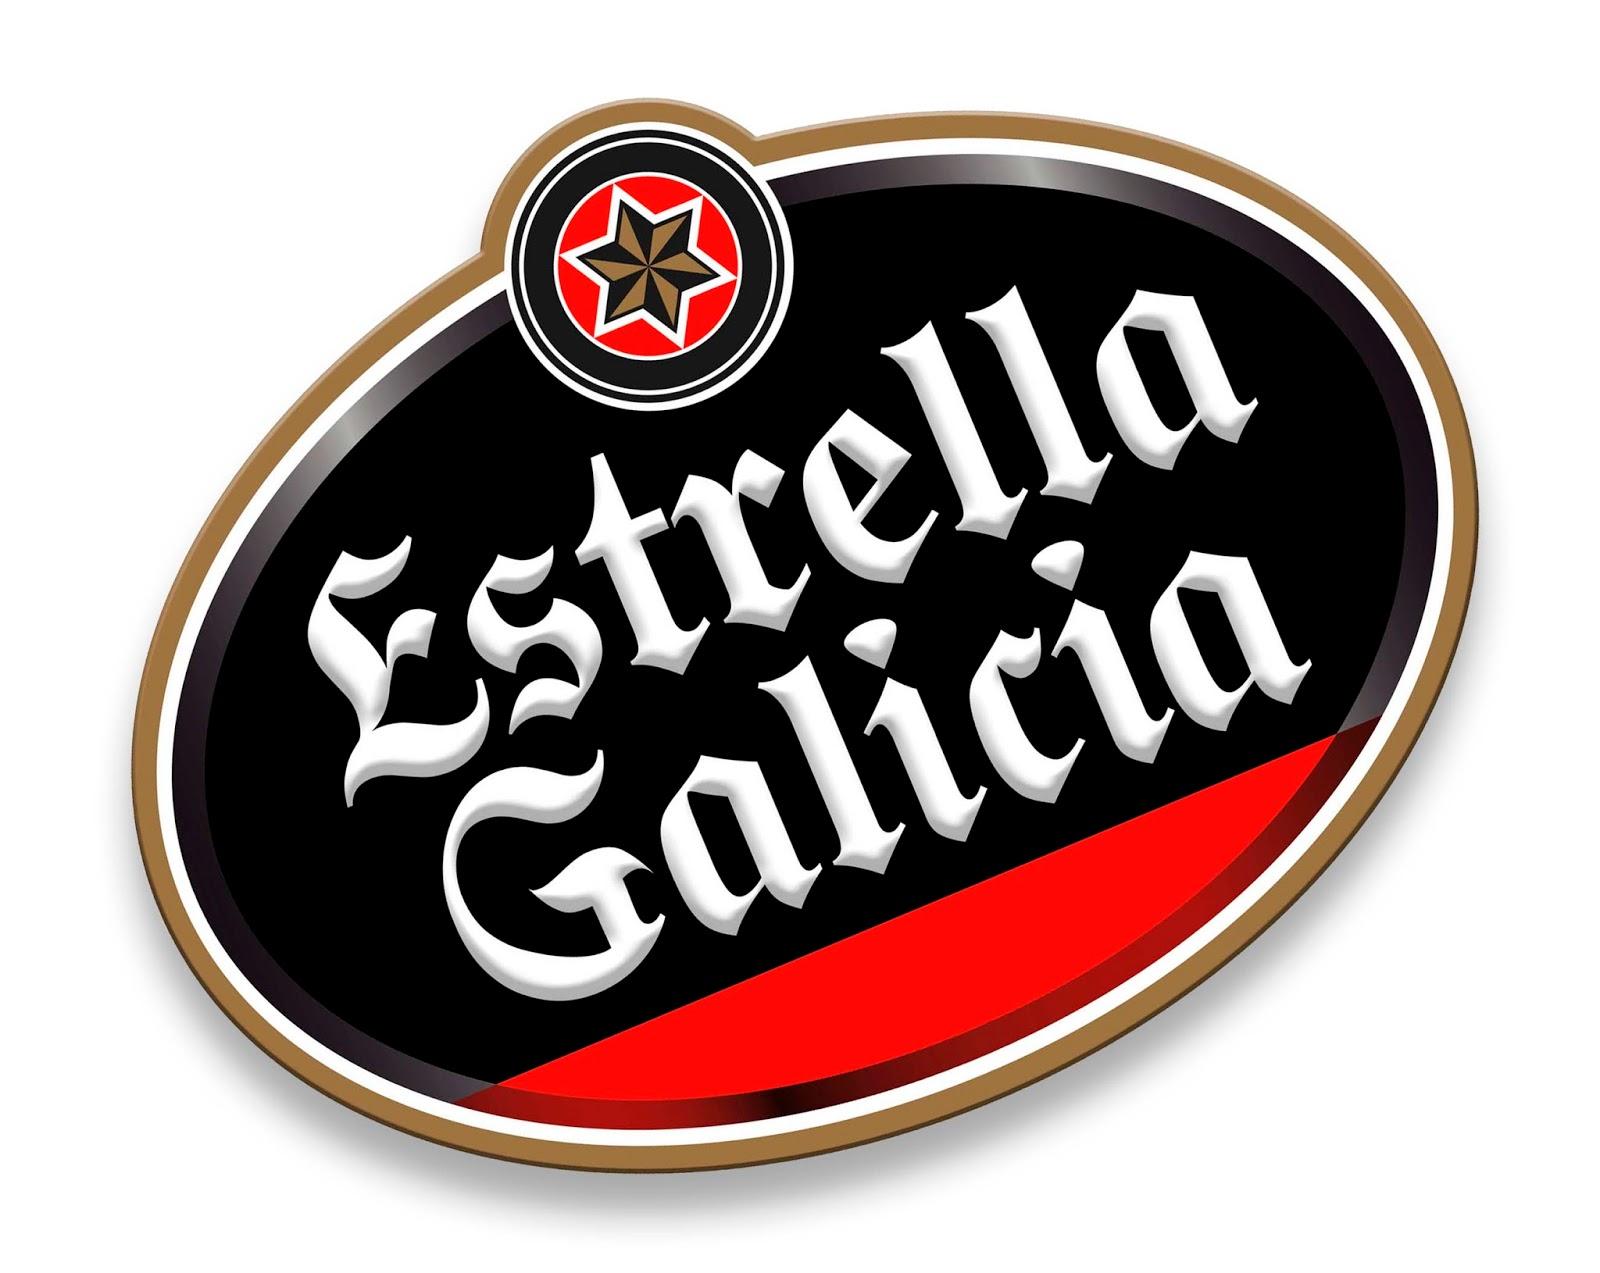 EMPRESAS: LA HISTORIA DE ESTRELLA GALICIA Y LAS CLAVES DE SU ...